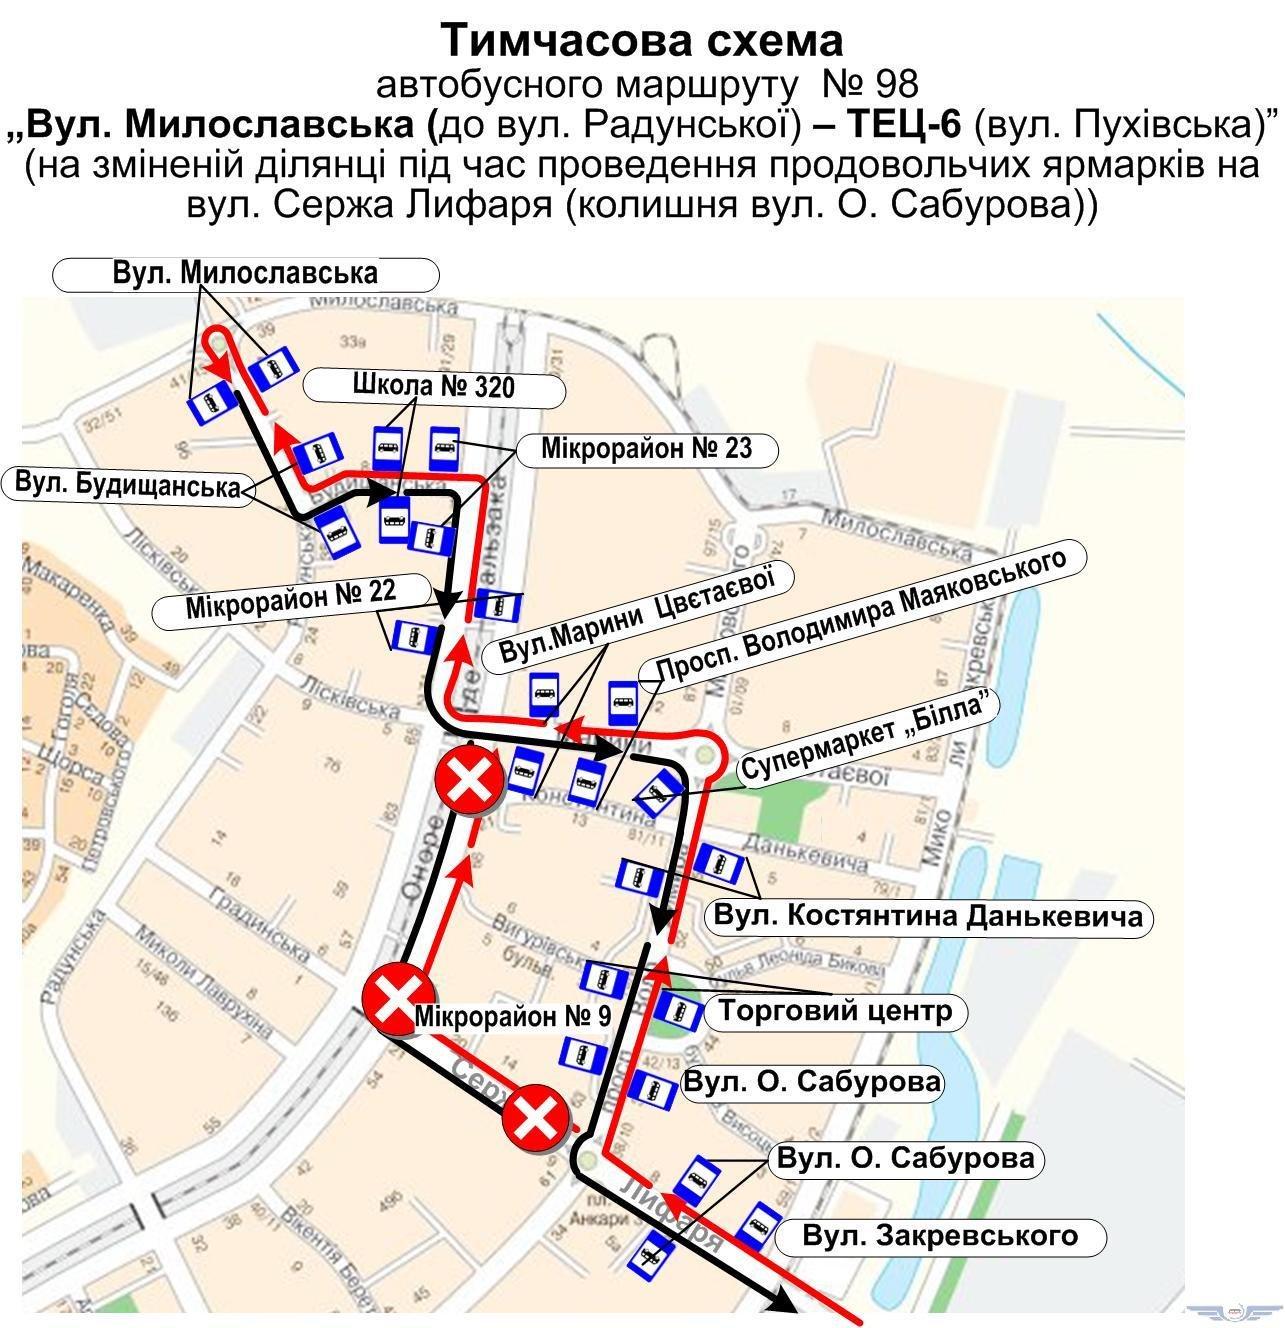 Киевлян предупредили об изменении на маршрутах нескольких автобусов, - КАРТЫ, фото-2